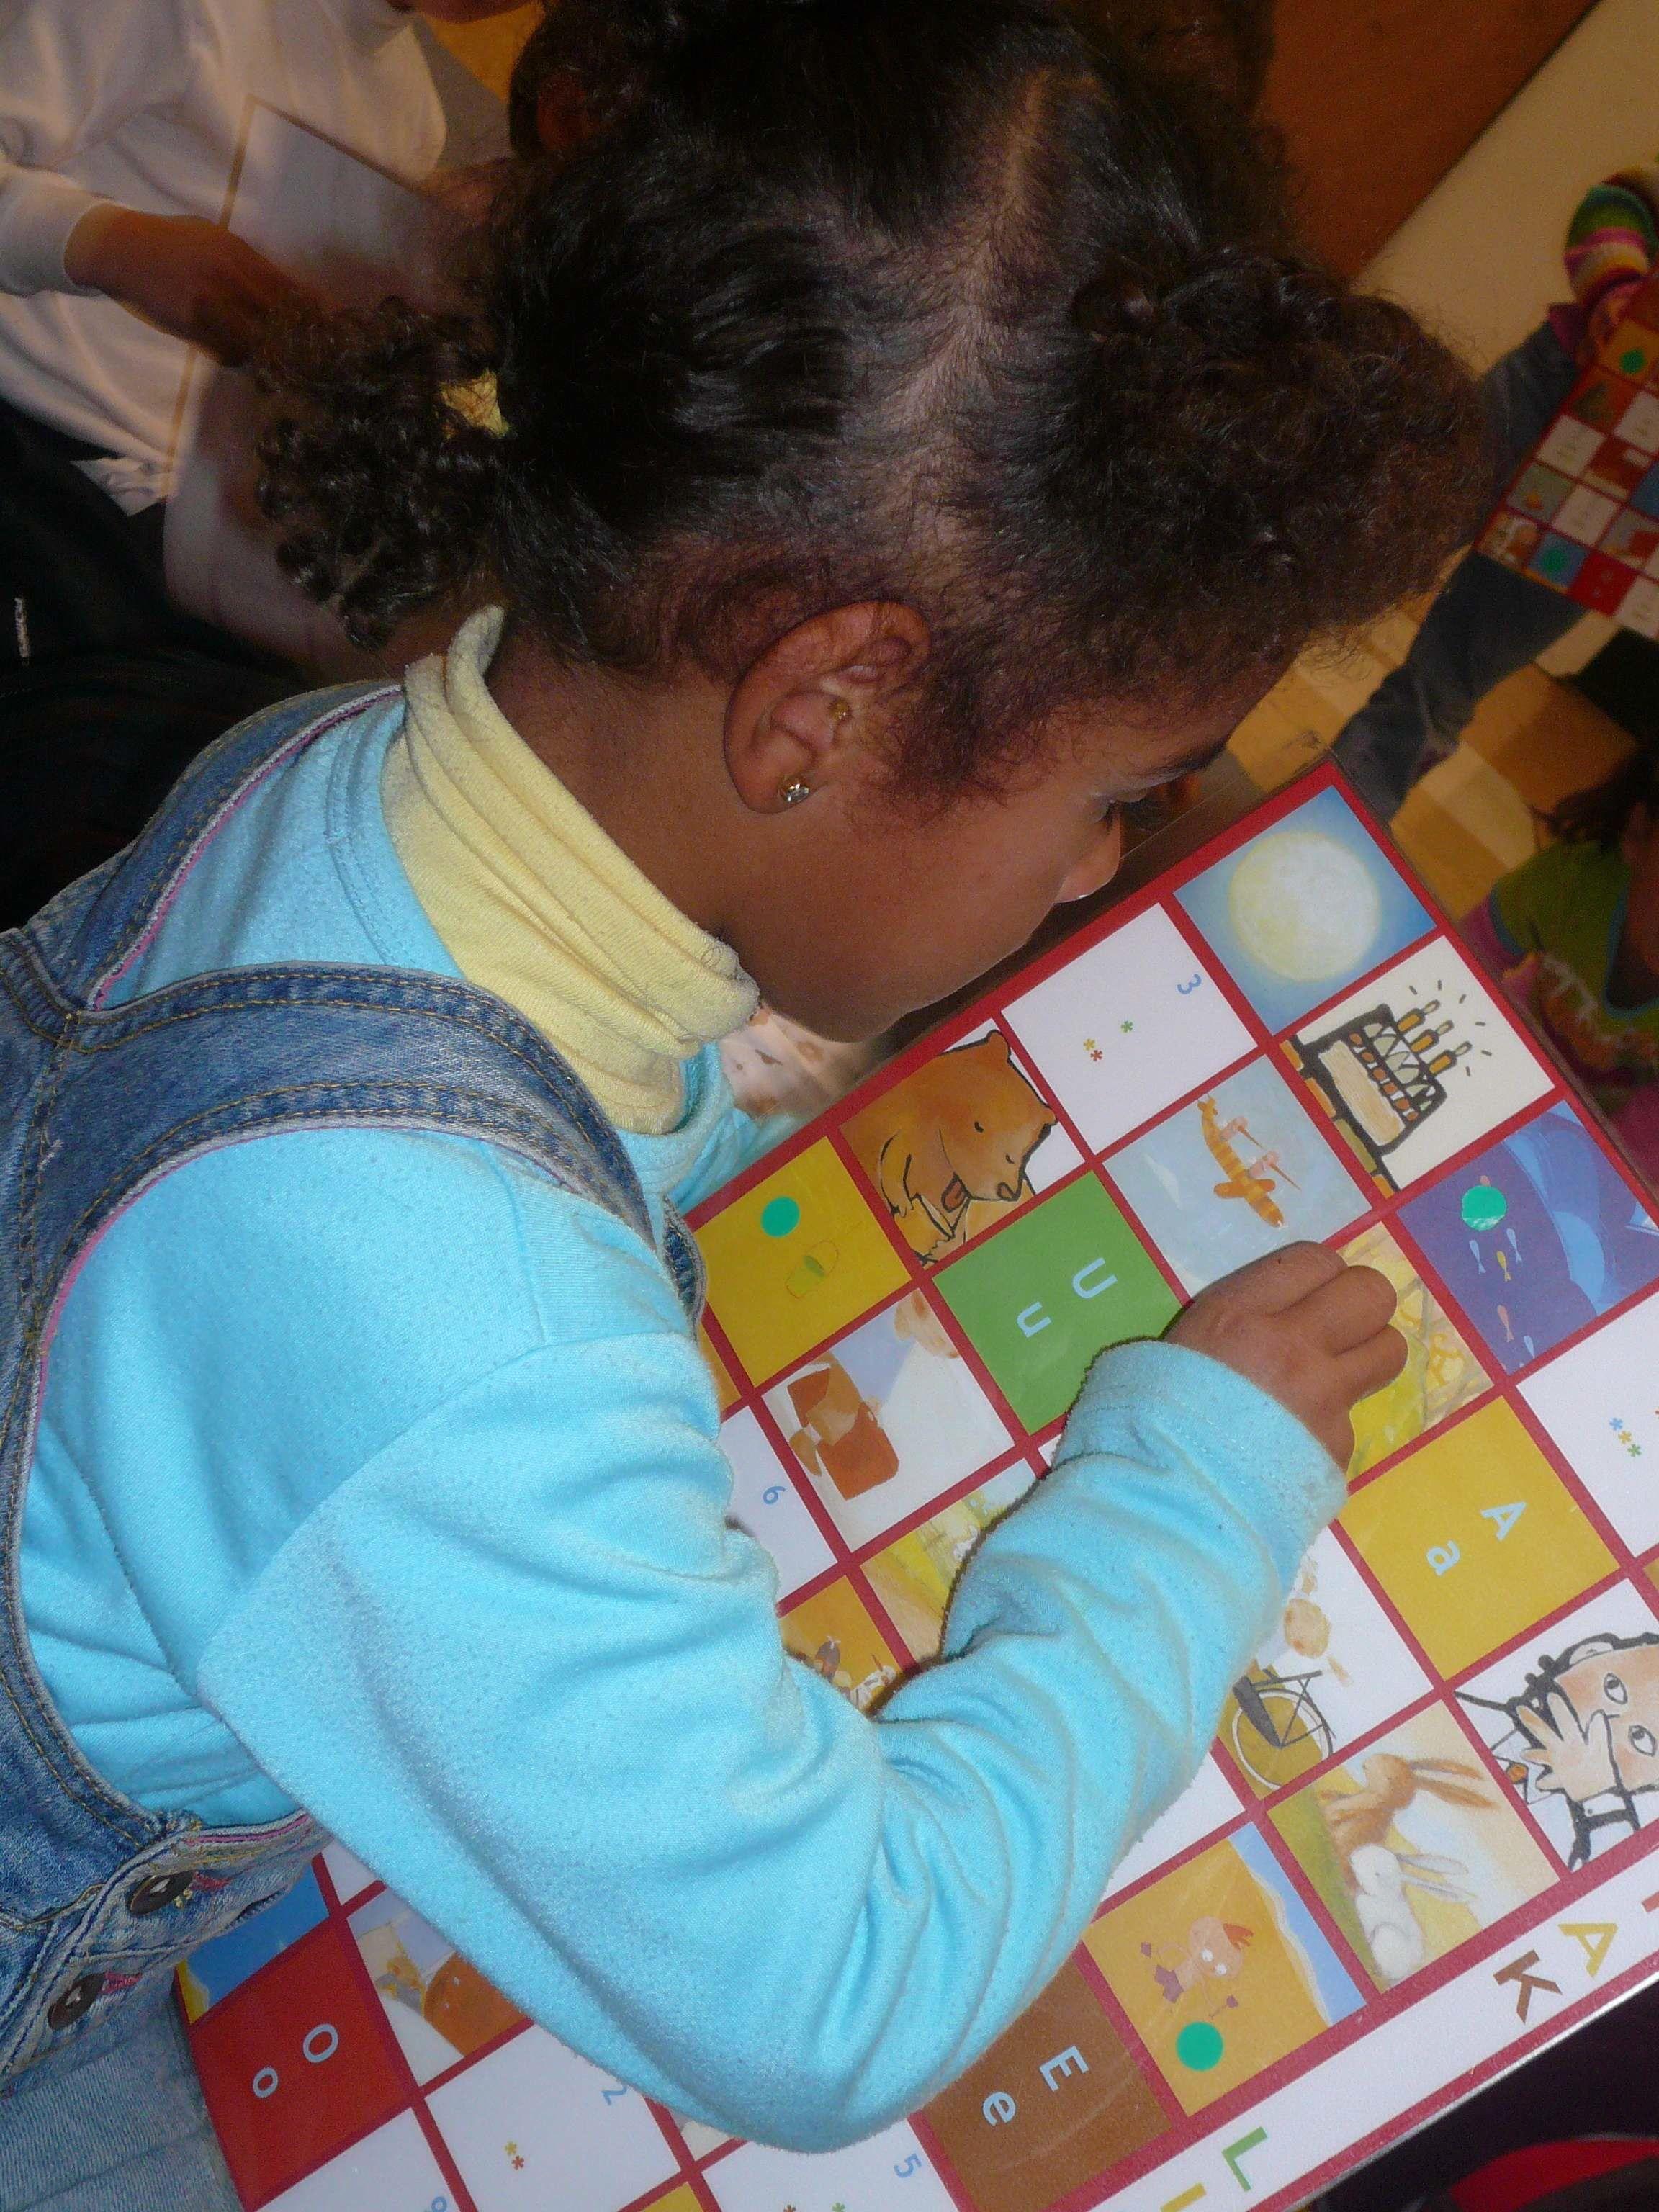 Disléxicos: aumentar el espacio entre las letras les ayuda a leer